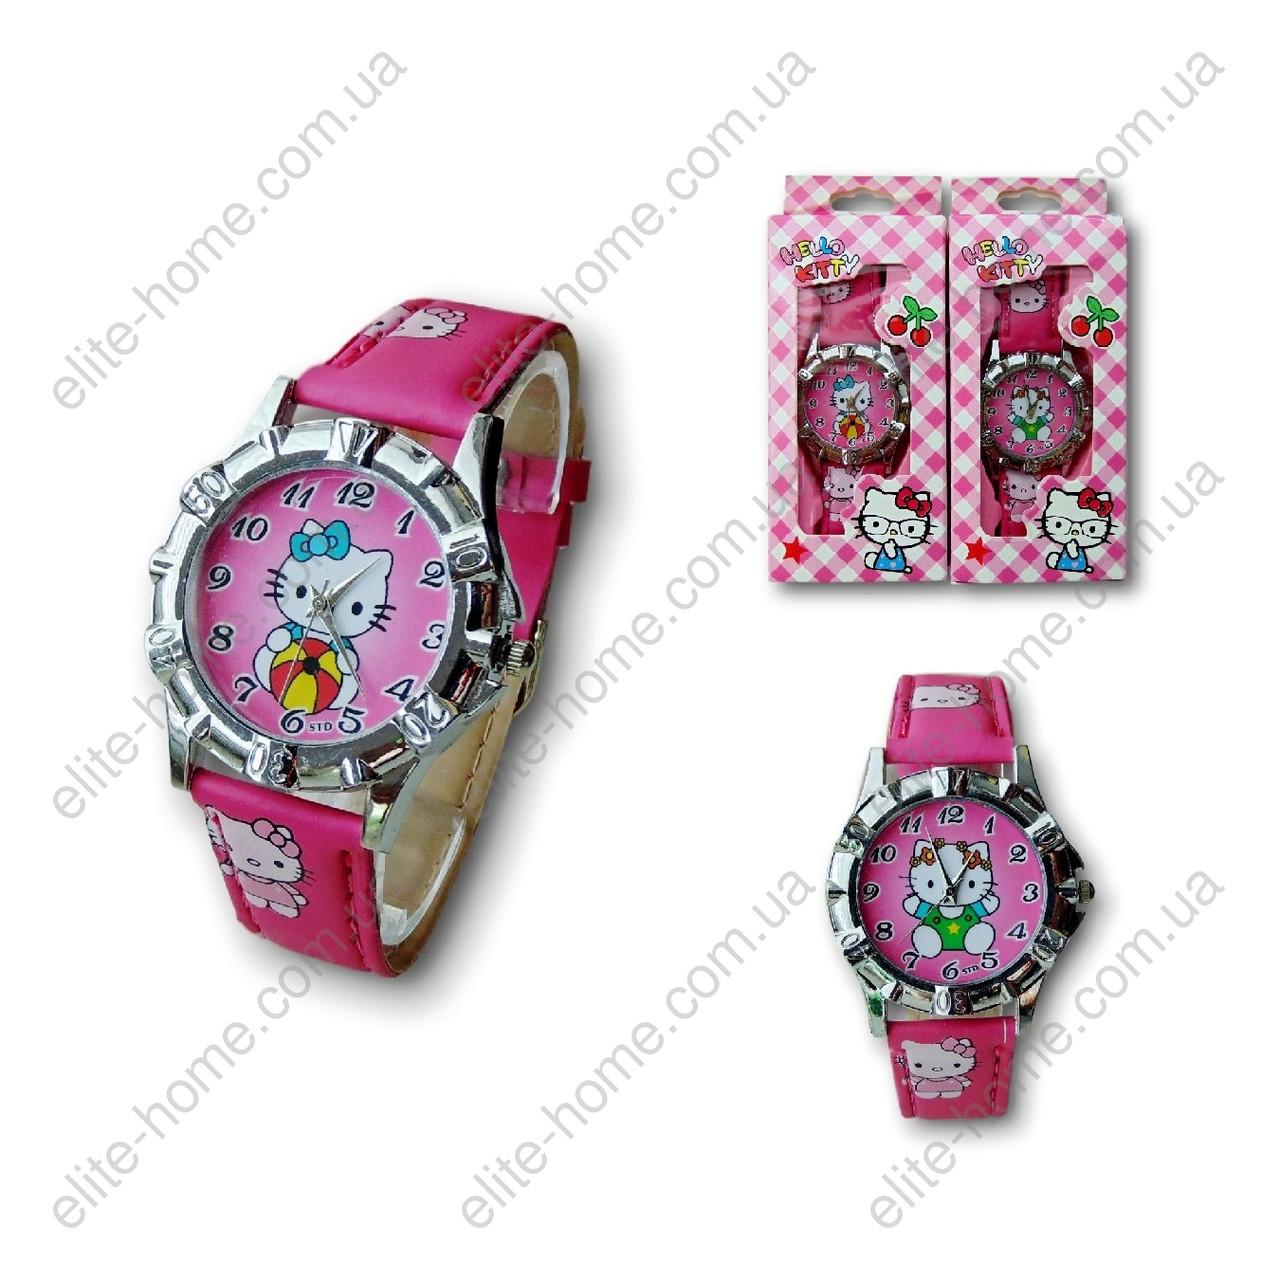 """Дитячі наручні годинники """"Hello Kitty"""" в подарунковій упаковці"""